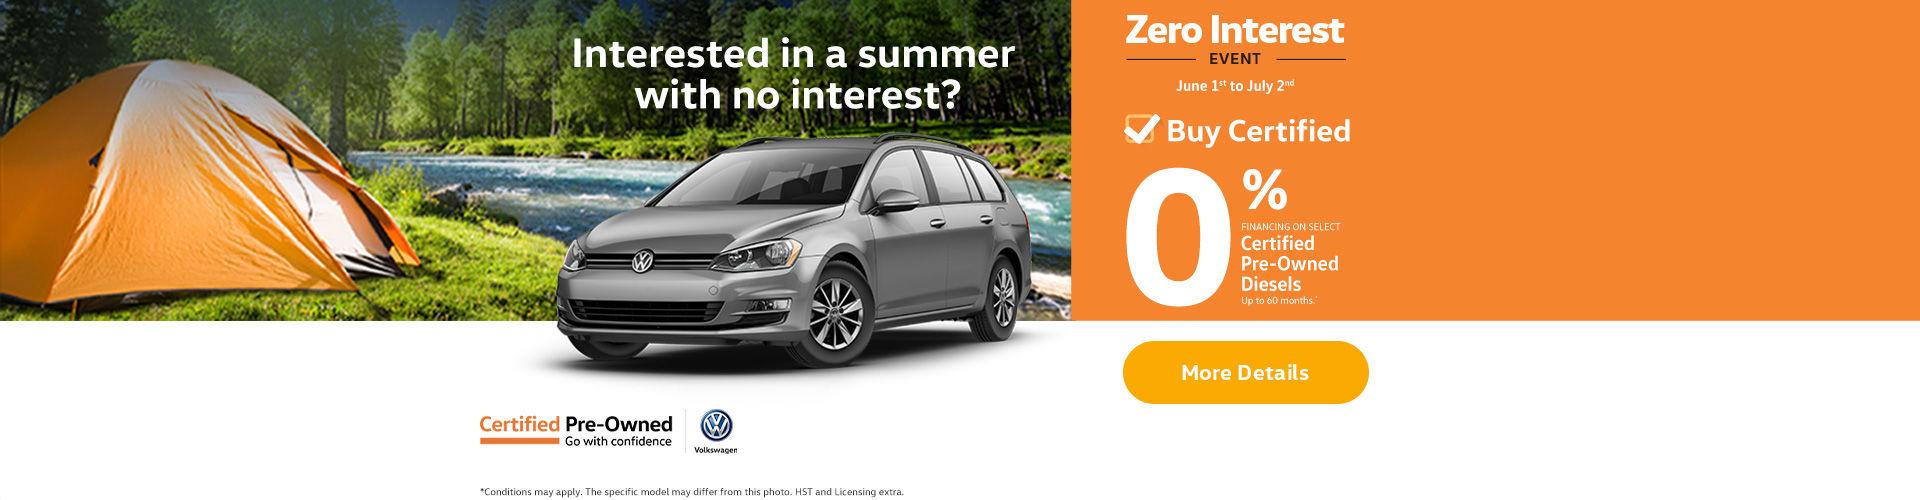 Zero Interest Event - web